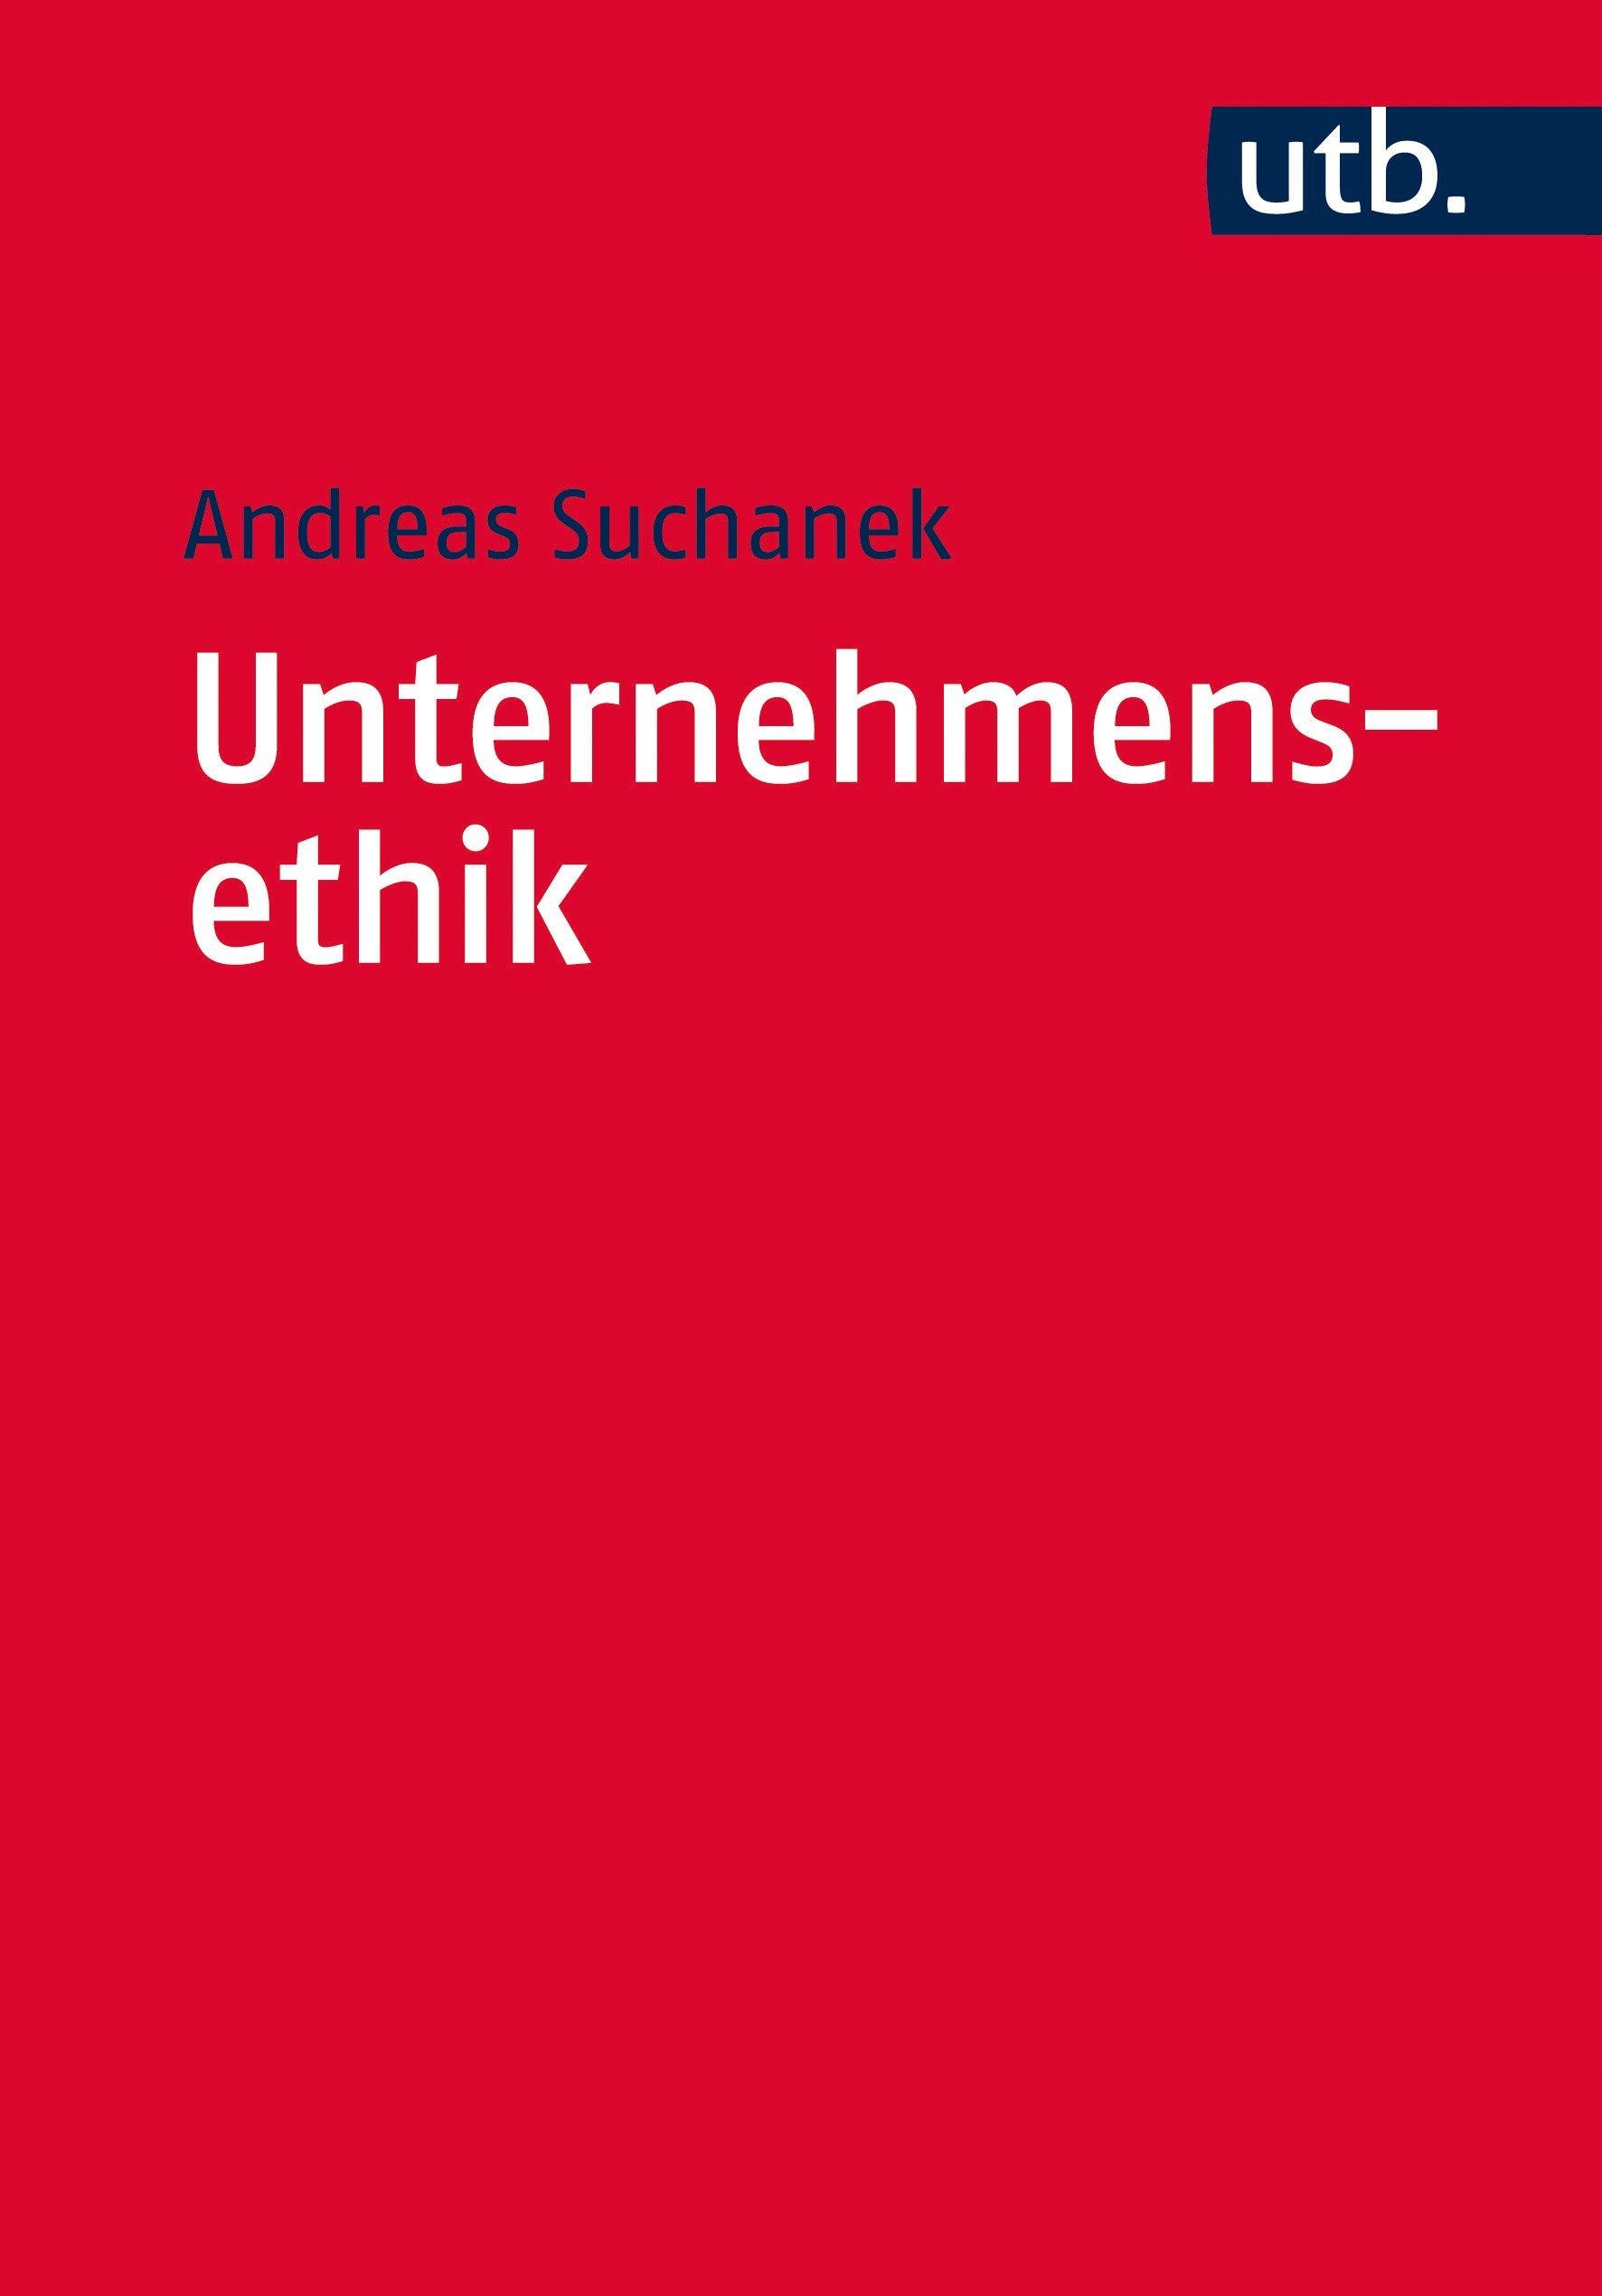 Unternehmensethik: In Vertrauen investieren (Utb M, Band 3990) Taschenbuch – 22. April 2015 Andreas Suchanek UTB GmbH 382523990X Betriebswirtschaft